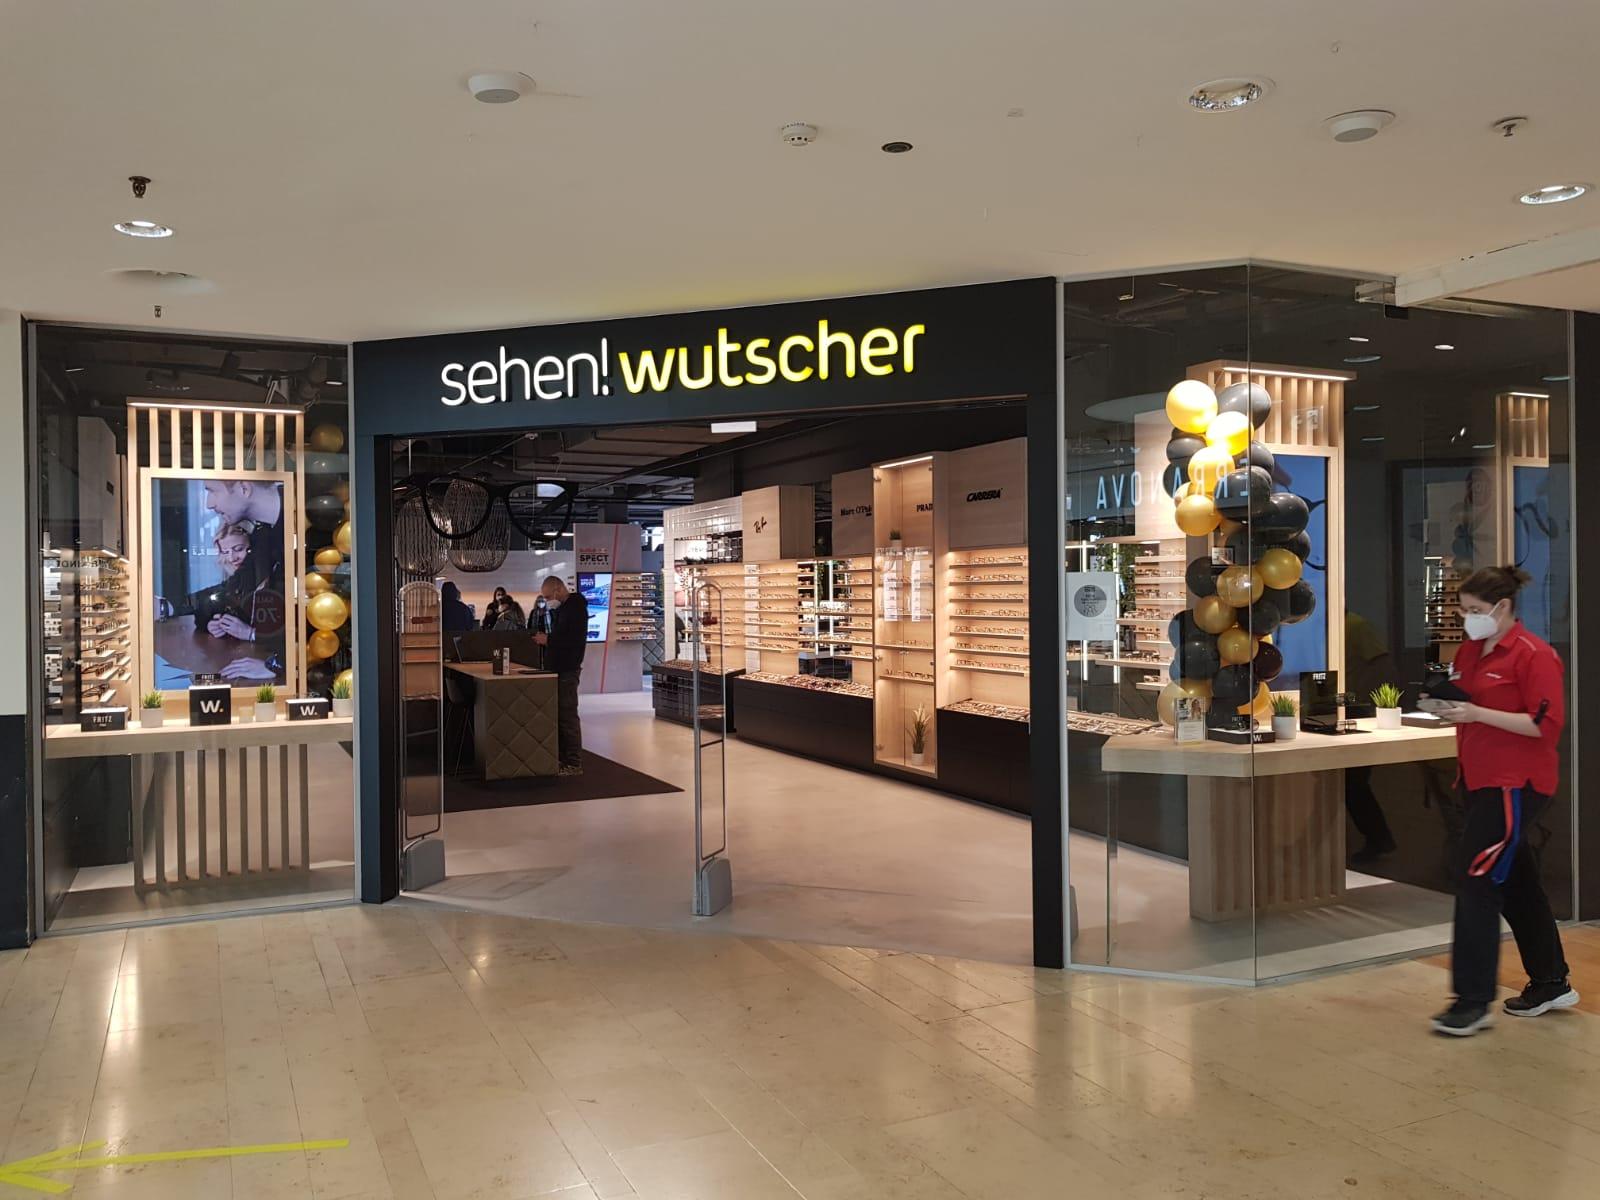 sehen!wutscher Wien - Donauzentrum